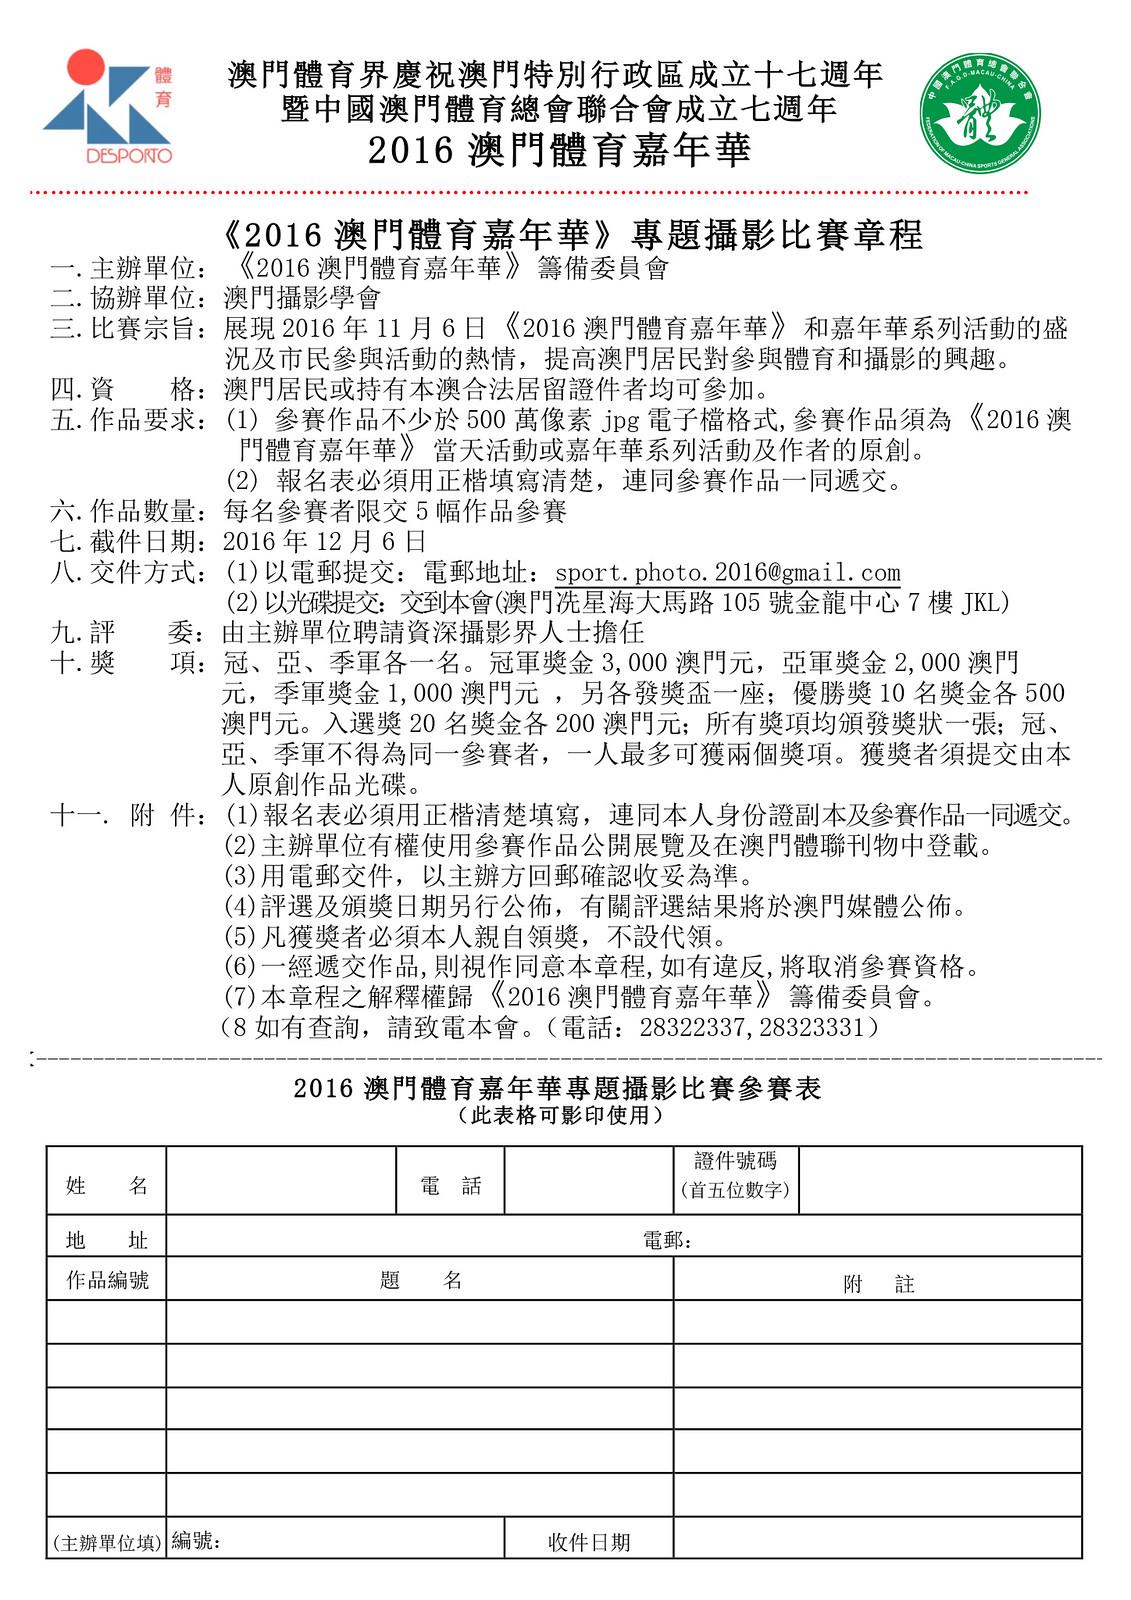 2016嘉年華攝影比賽章程